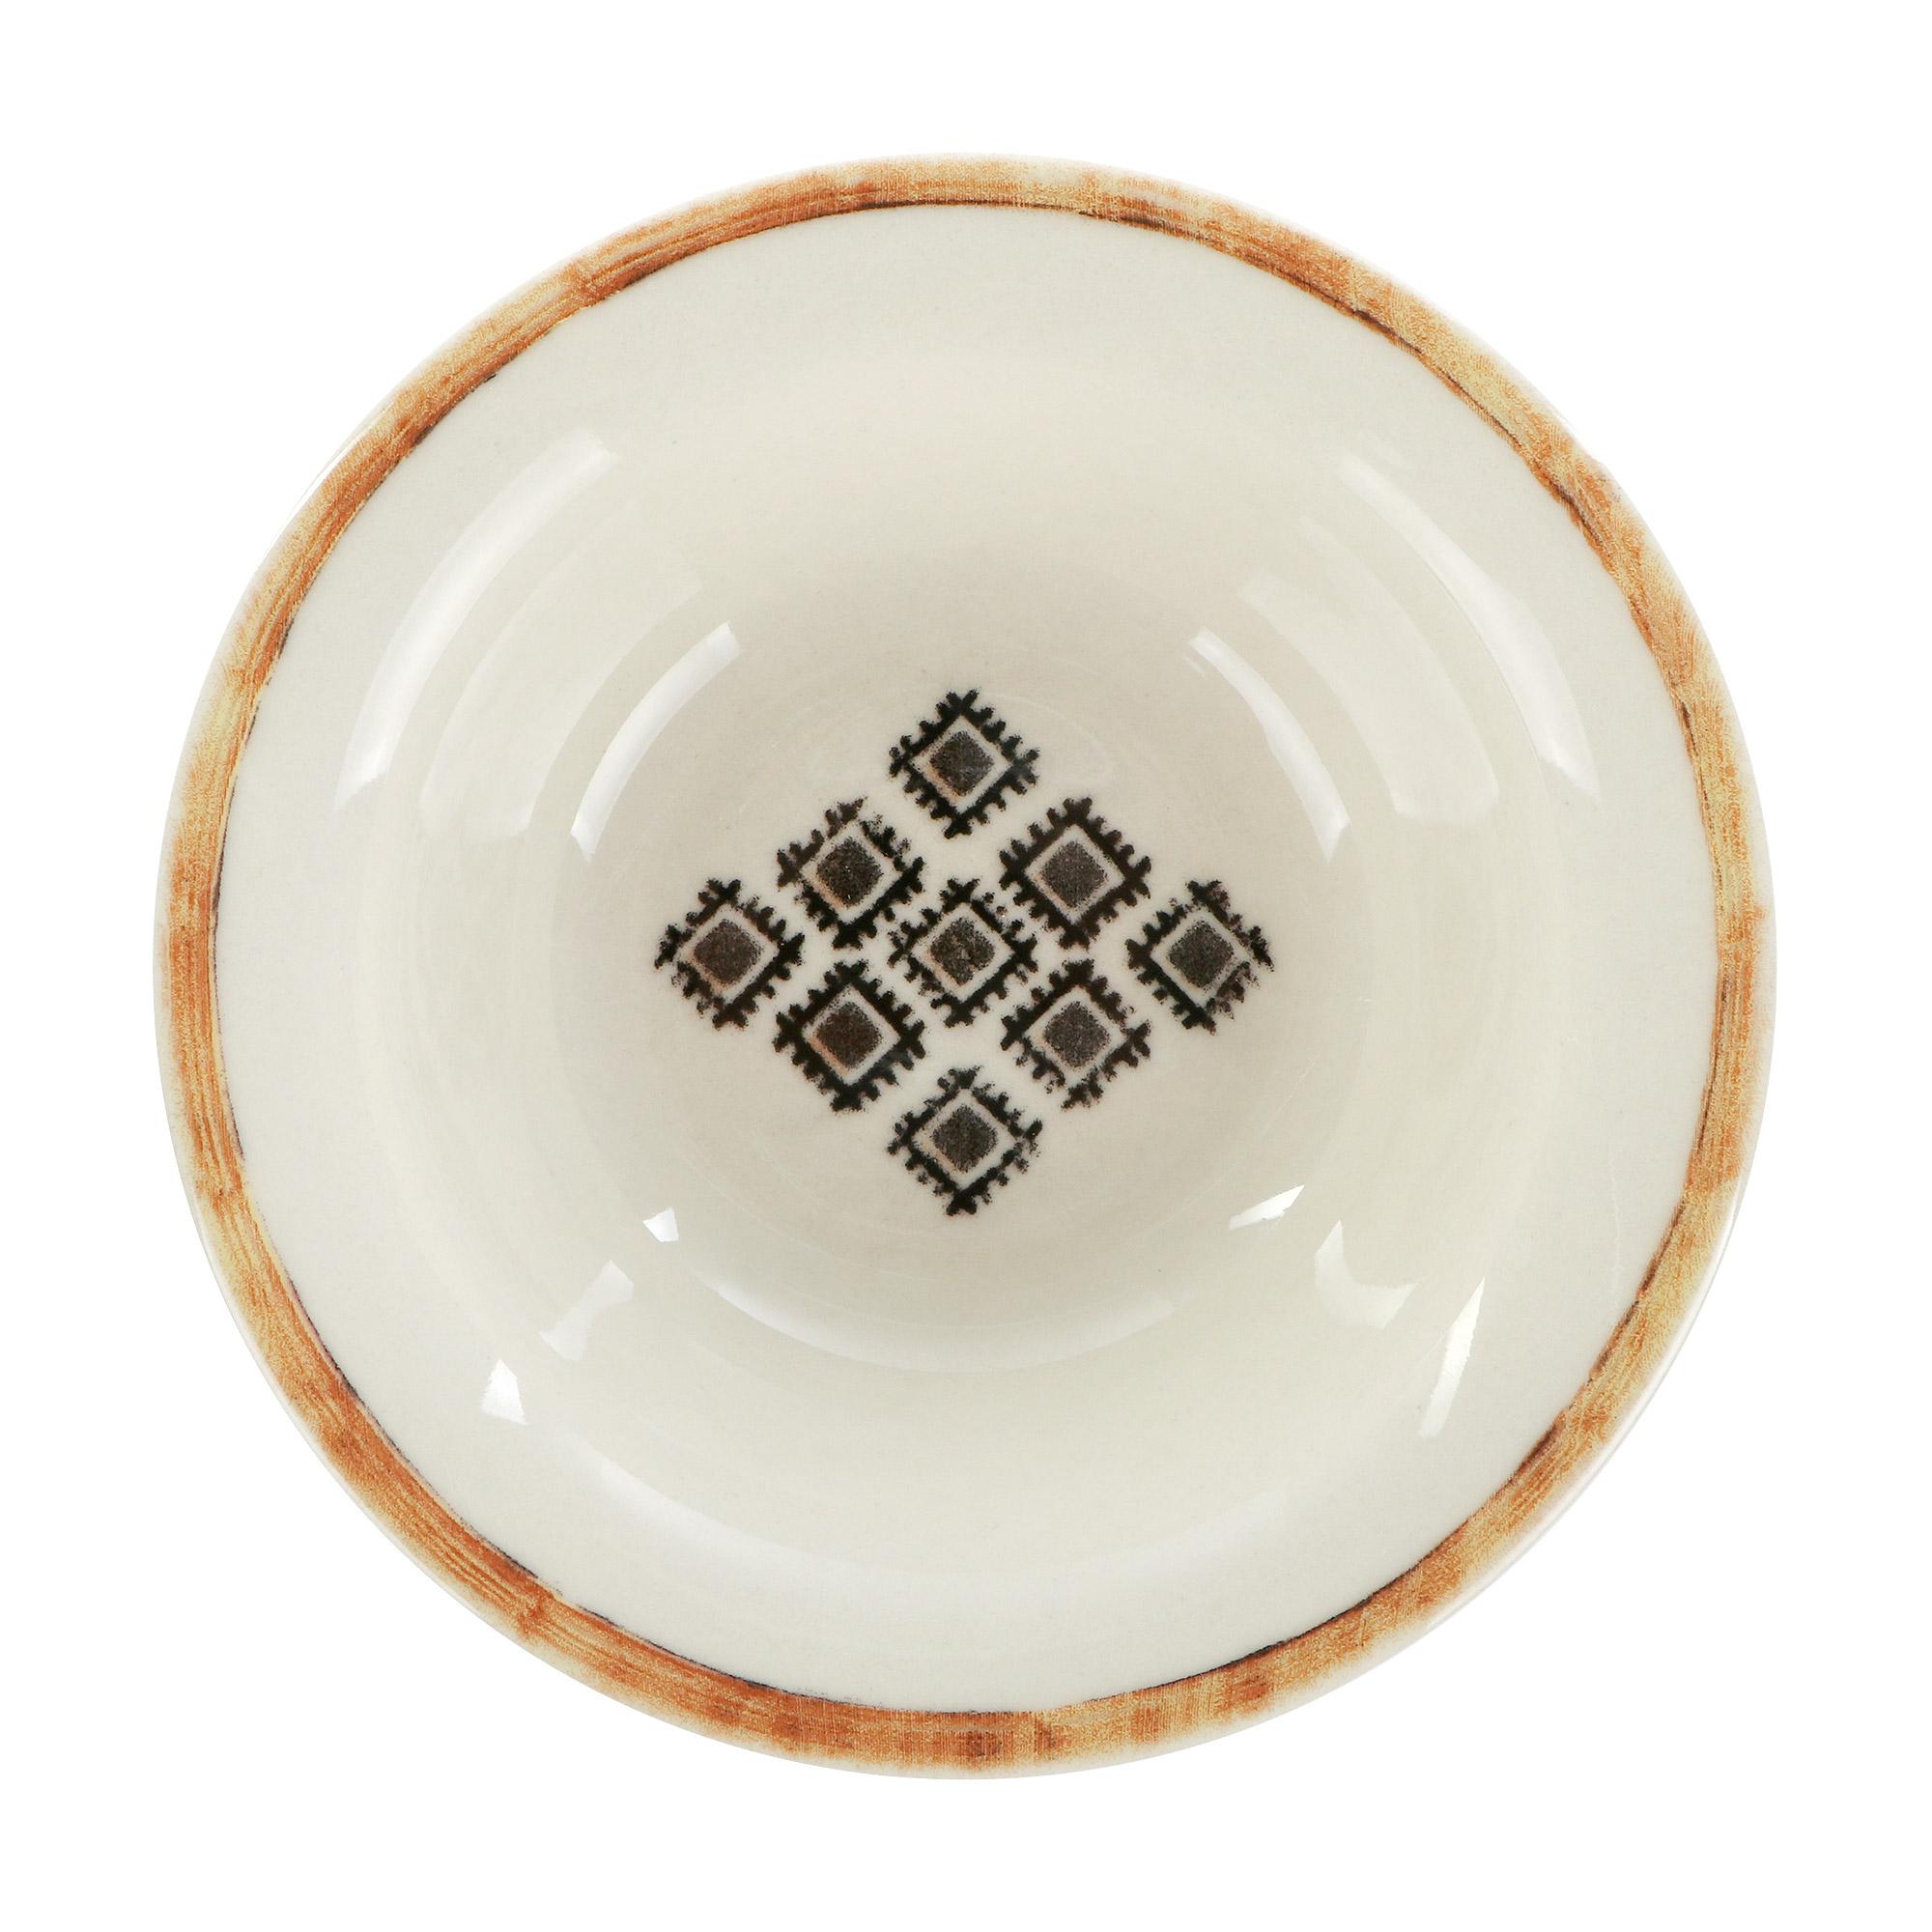 Салатник Kutahya Porselen 15 см фото